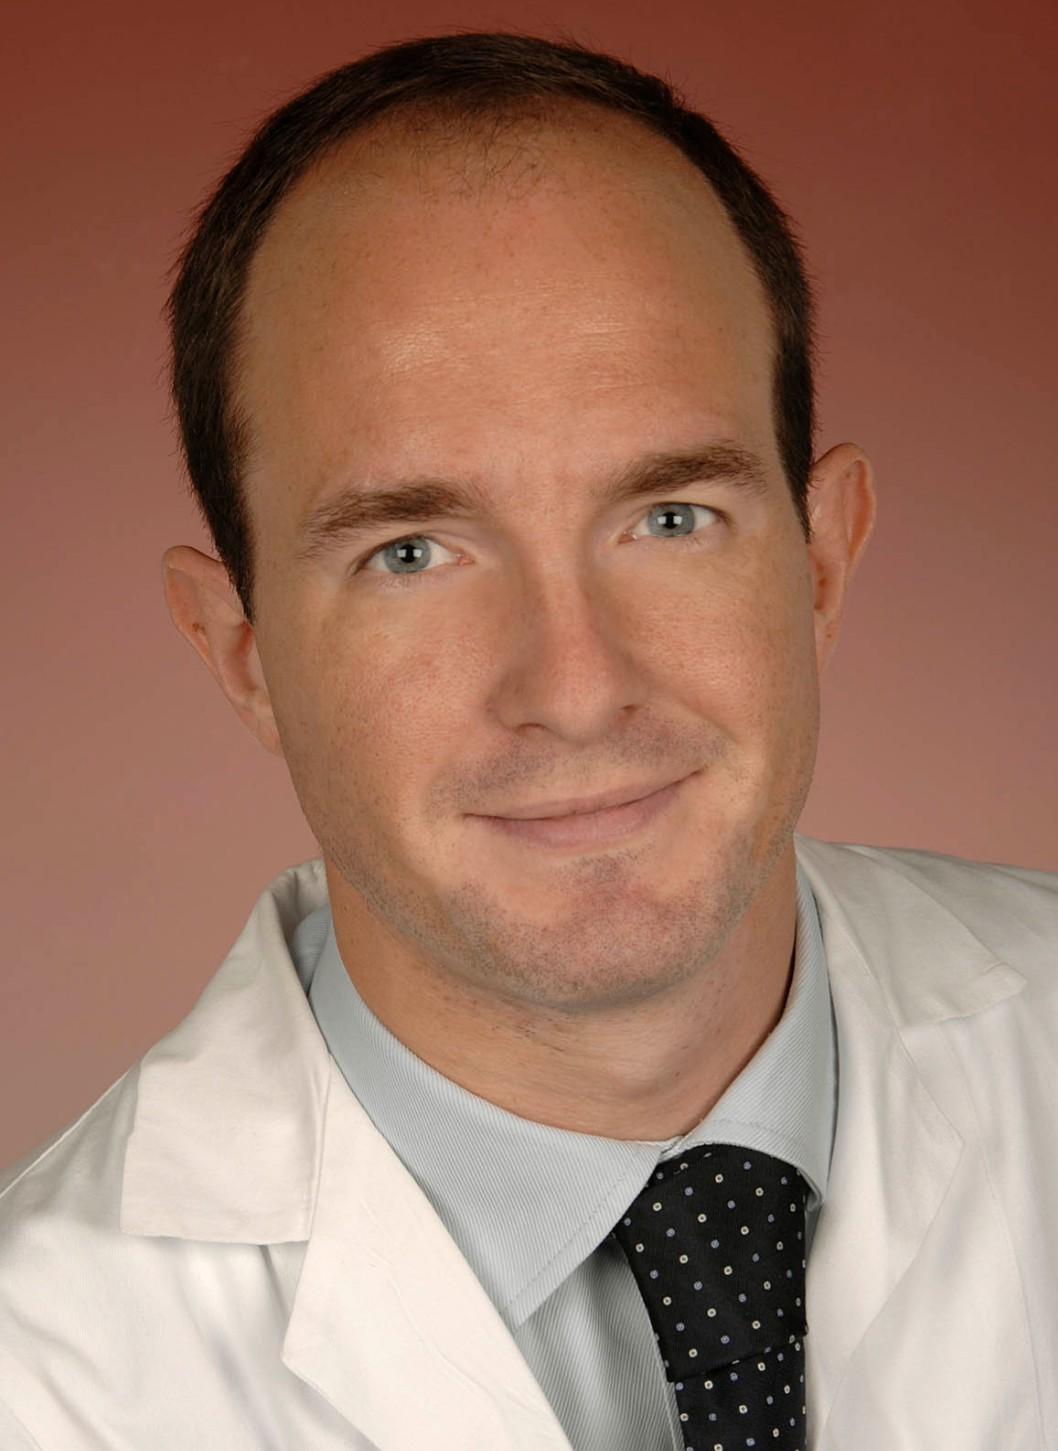 Проф. д-р Мартин Шилингер: Най-големият причинител на смърт в Западния свят е инфарктът